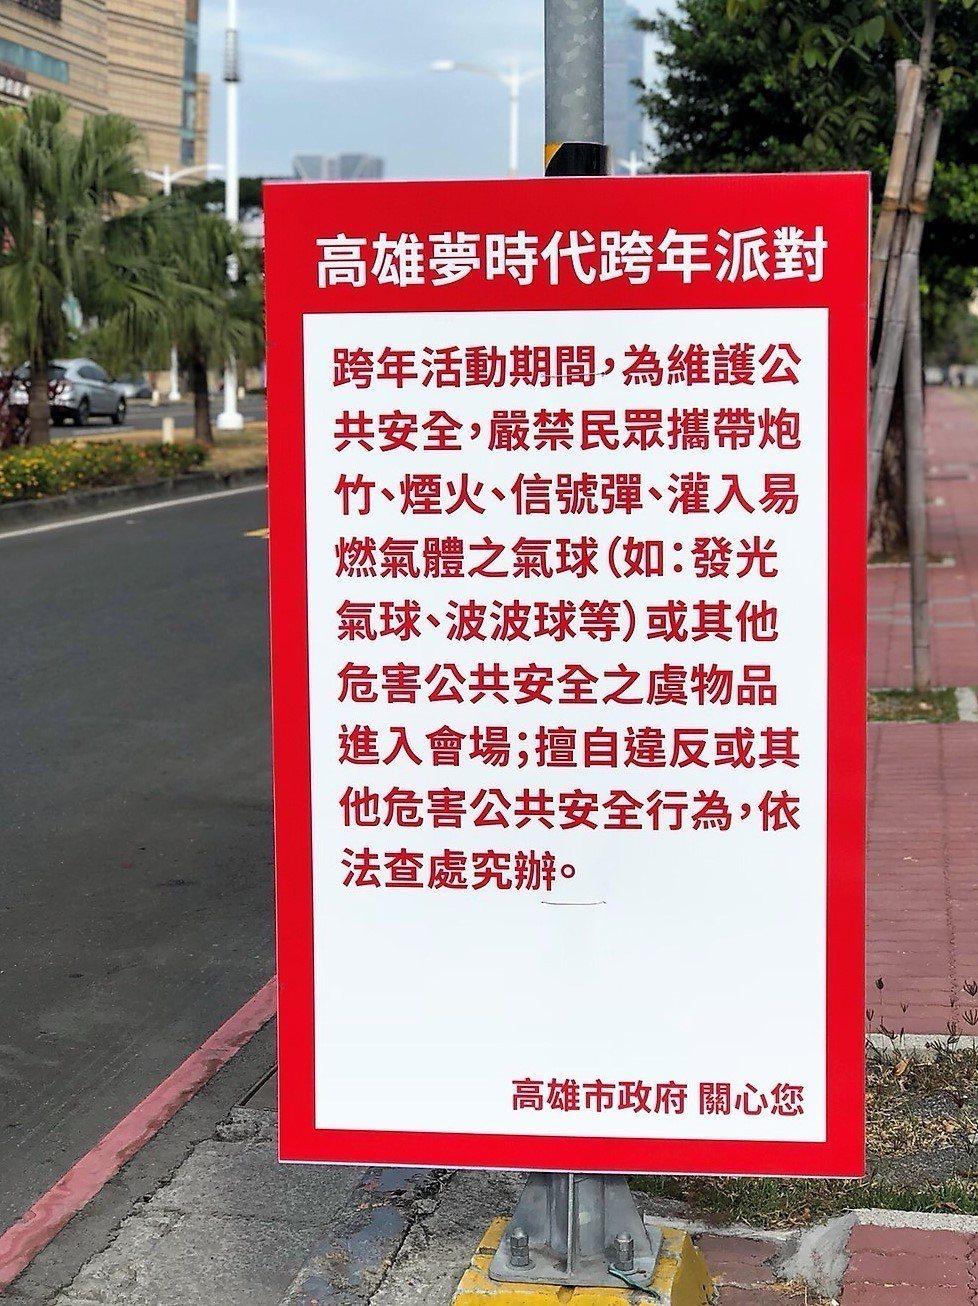 警方提醒要去跨年的民眾,禁止帶發光氣球、信號彈等物品到活動現場。記者張媛榆/翻攝